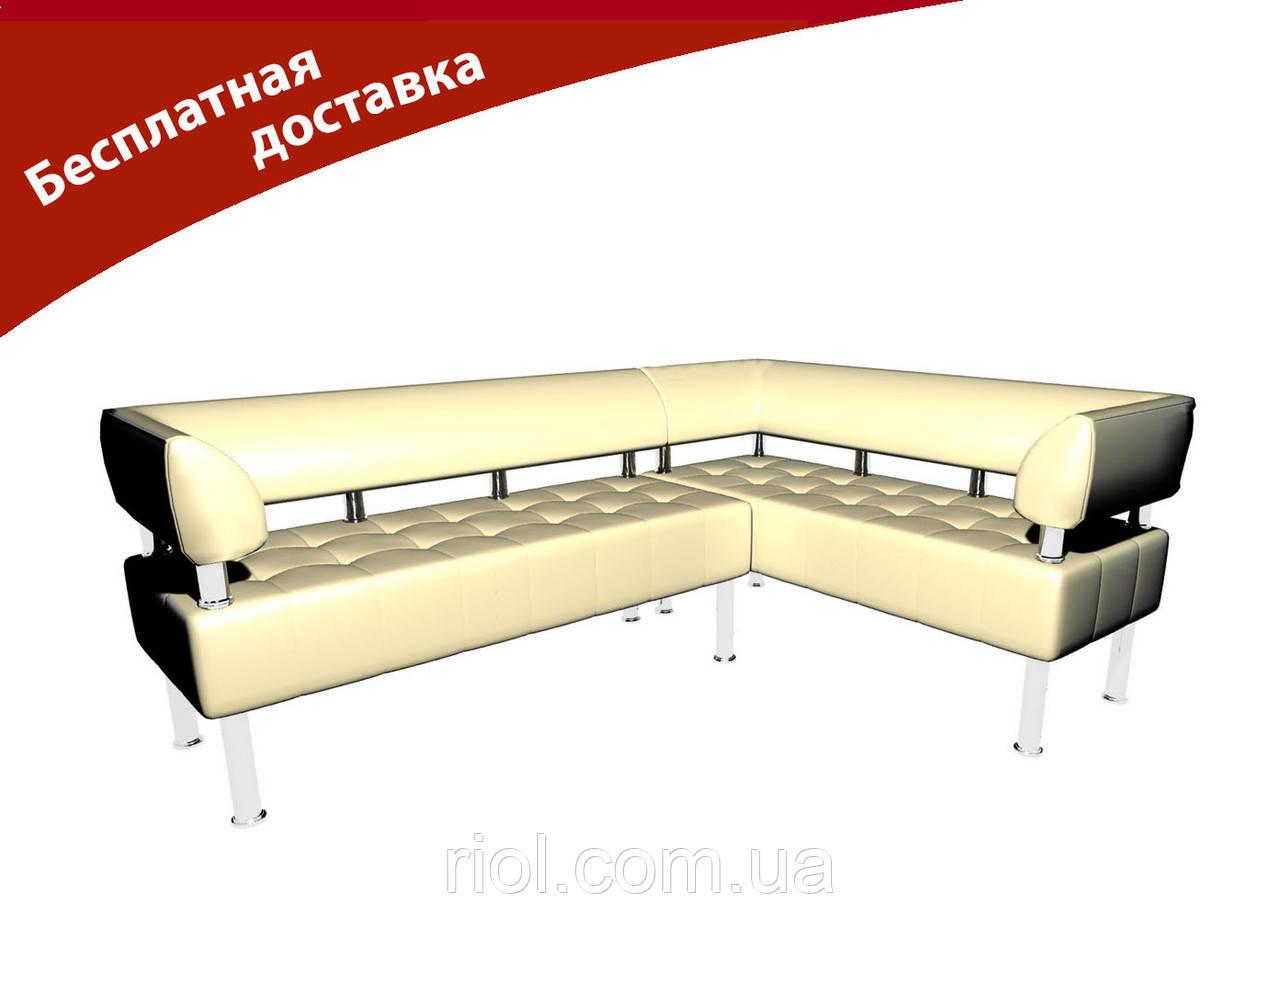 Модульний кутовий диван (Безкоштовна доставка)